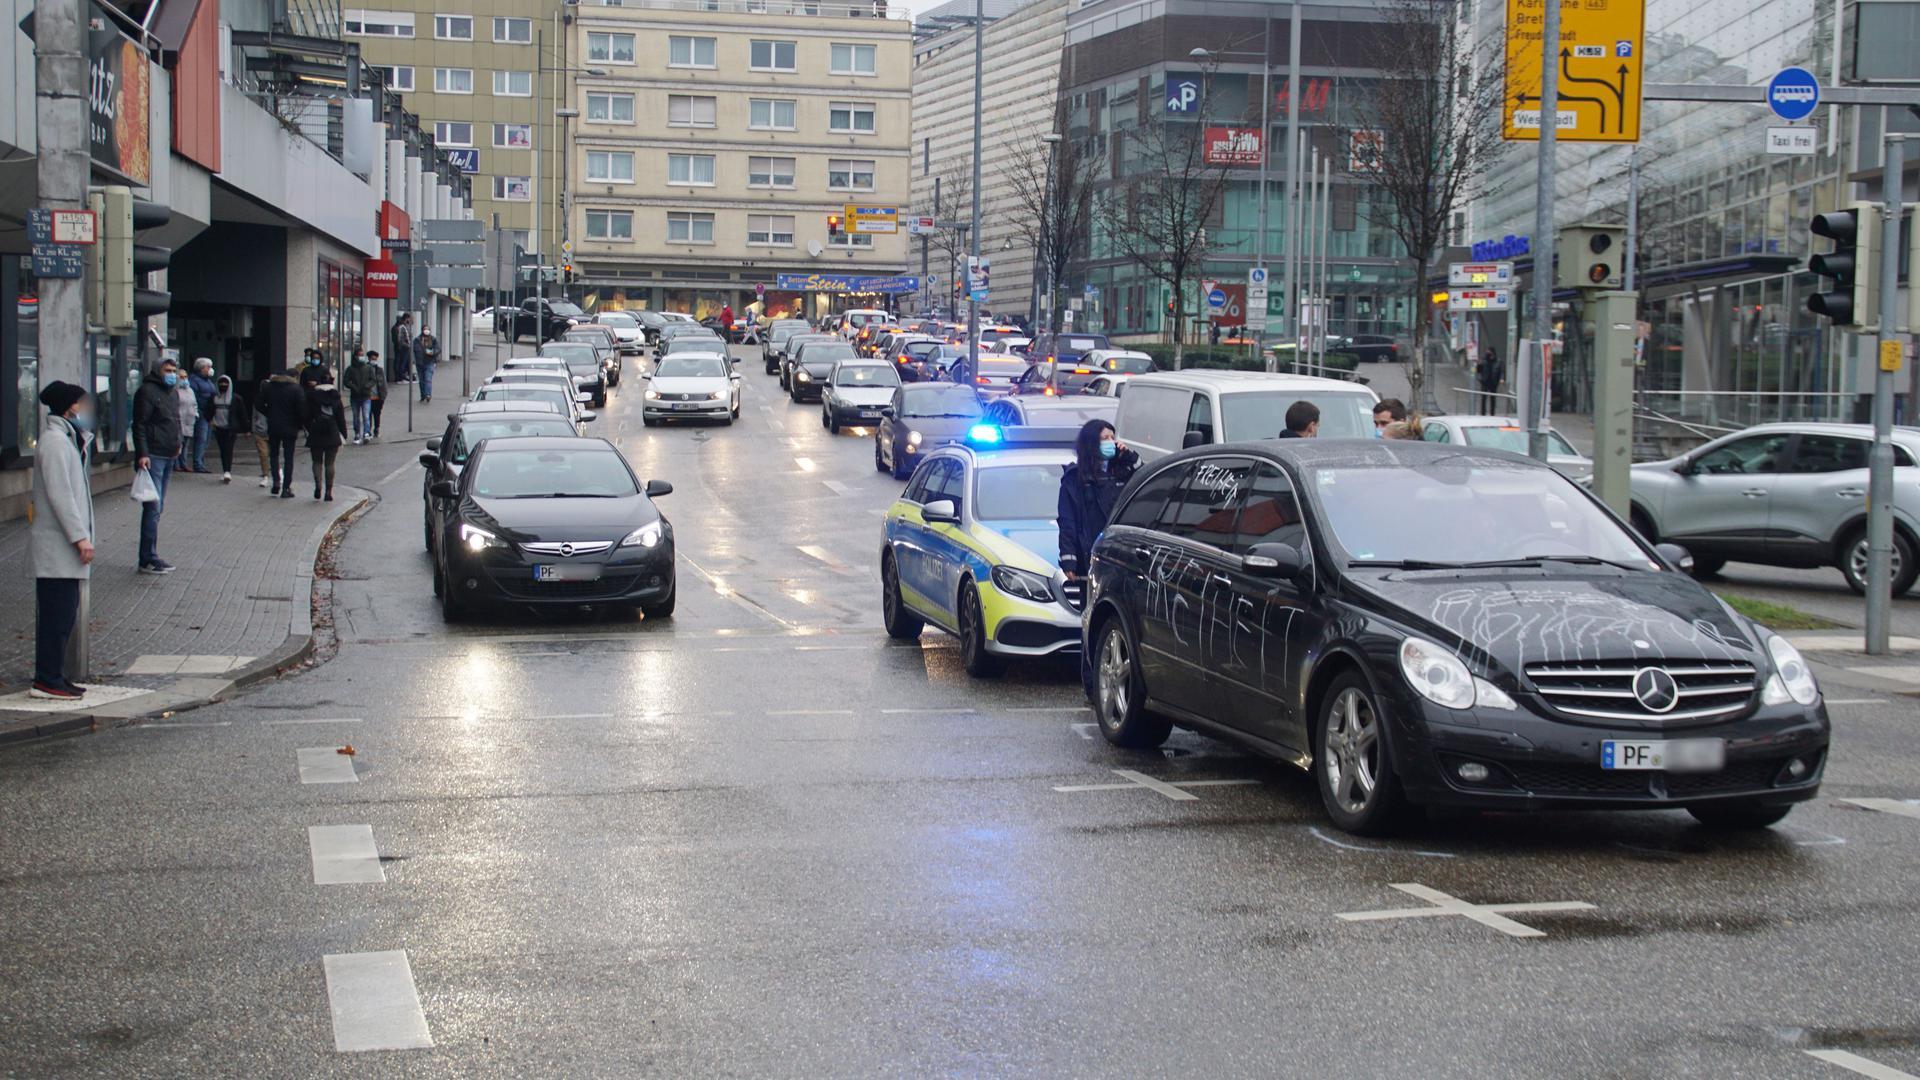 Kreuzung Zerrennerstraße. Polizei kontrolliert Auto